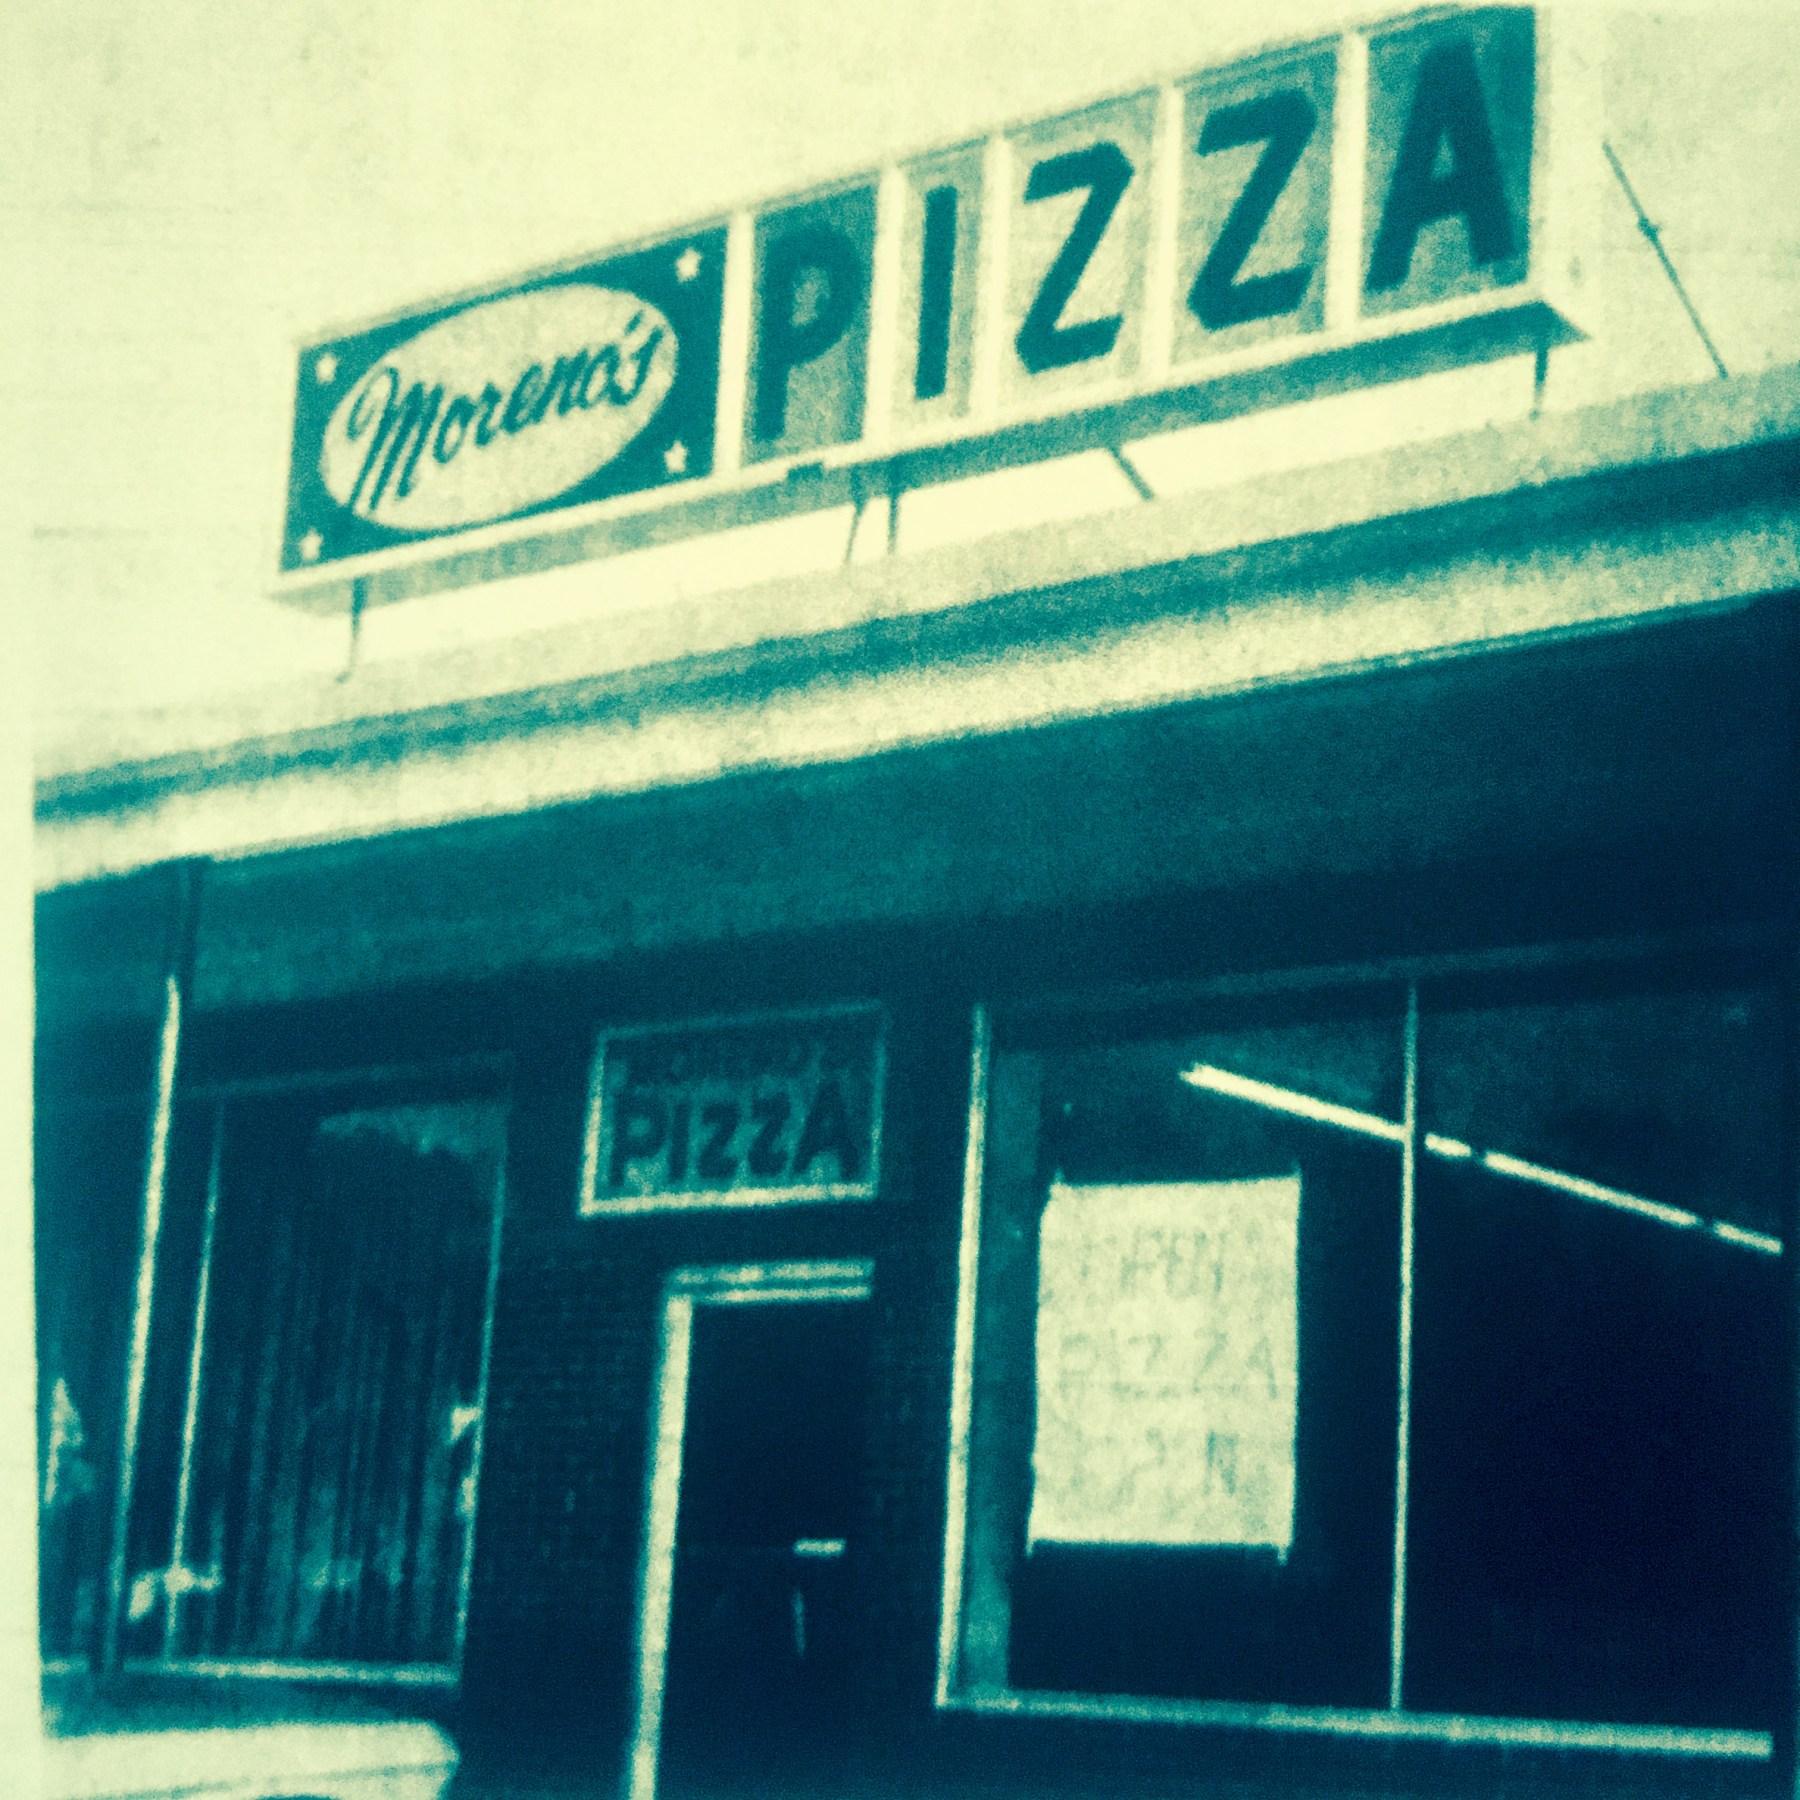 Moreno's Pizza exterior